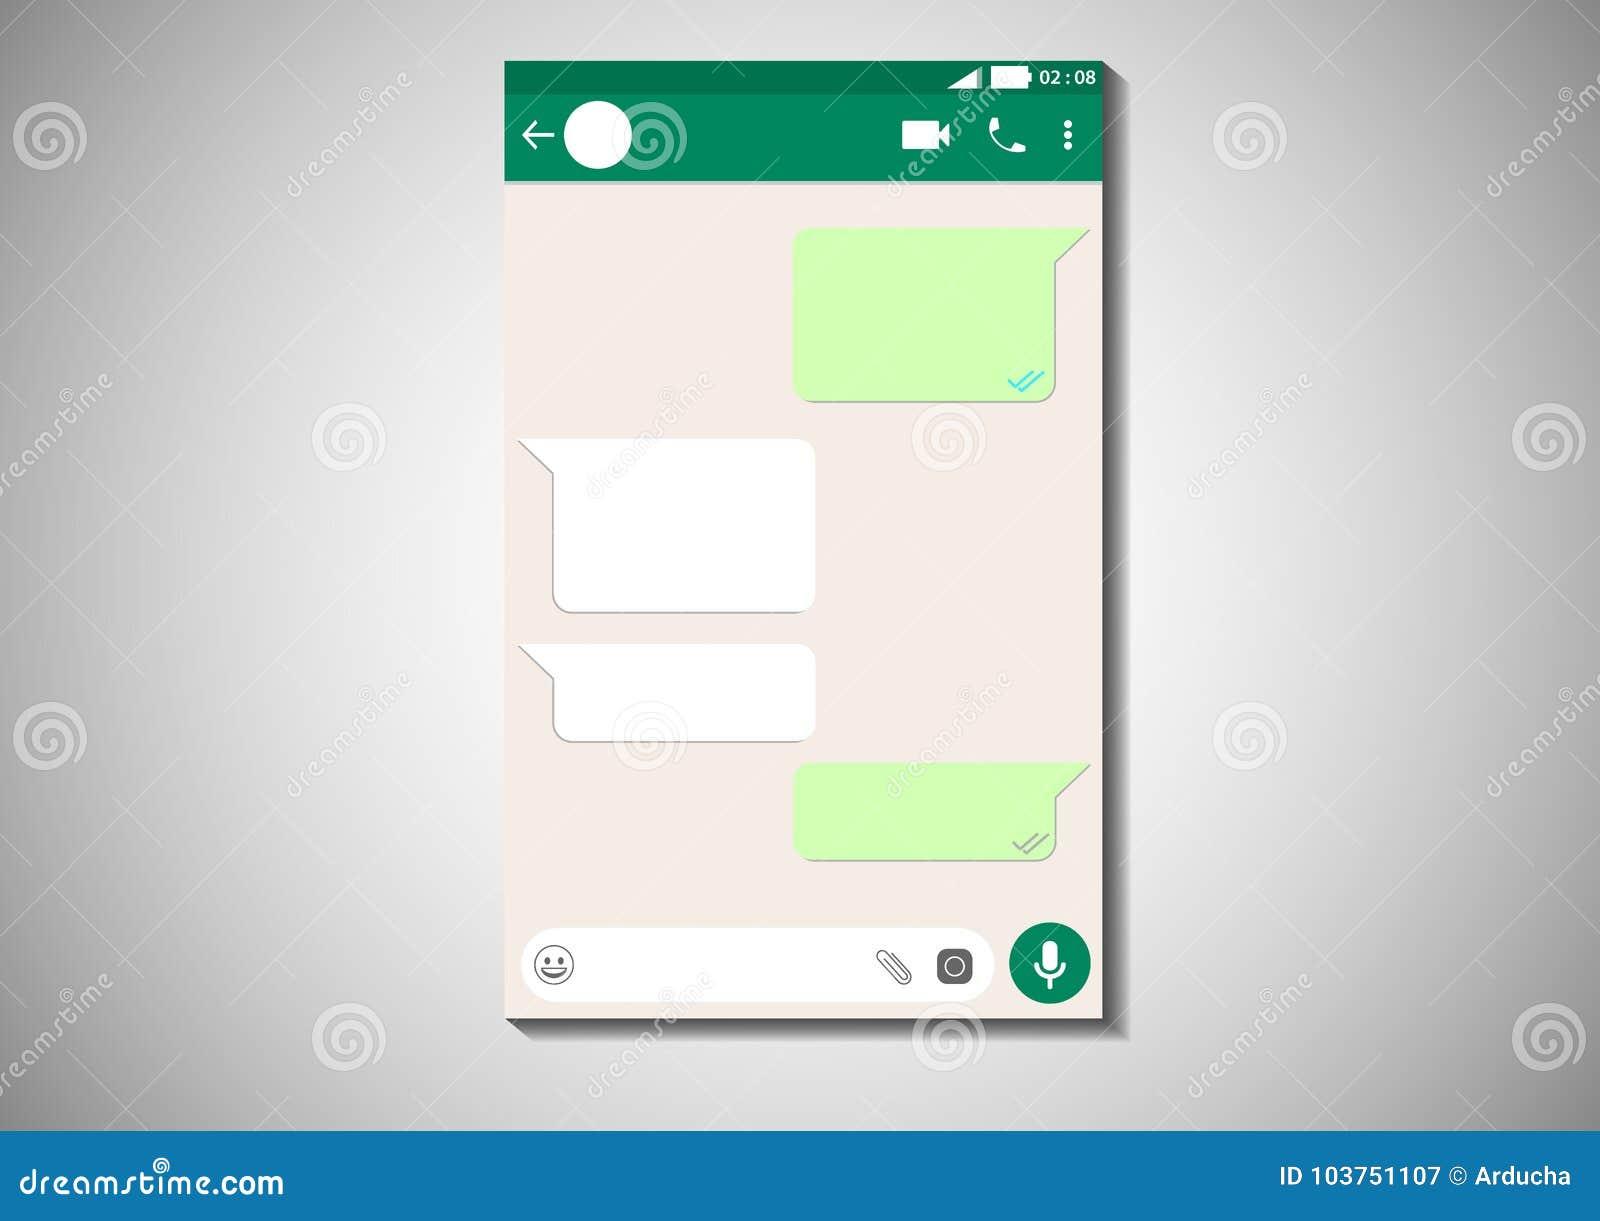 Frame whatsapp messenger stock vector  Illustration of